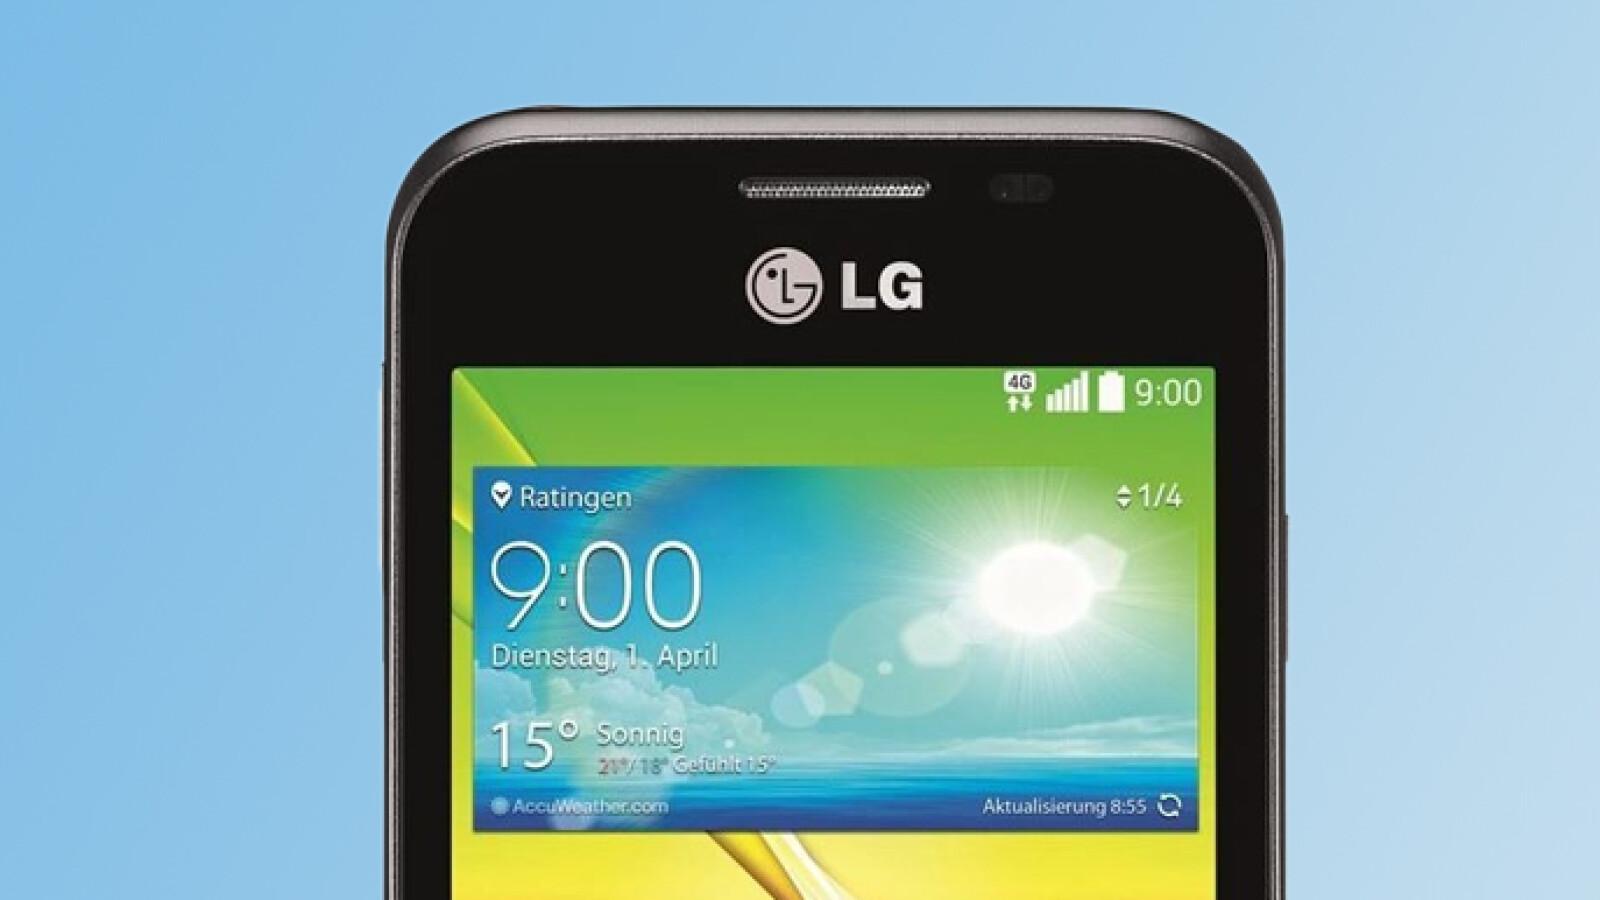 LG L40 Im Test 89 Euro Smartphone Mit KitKat Und G2